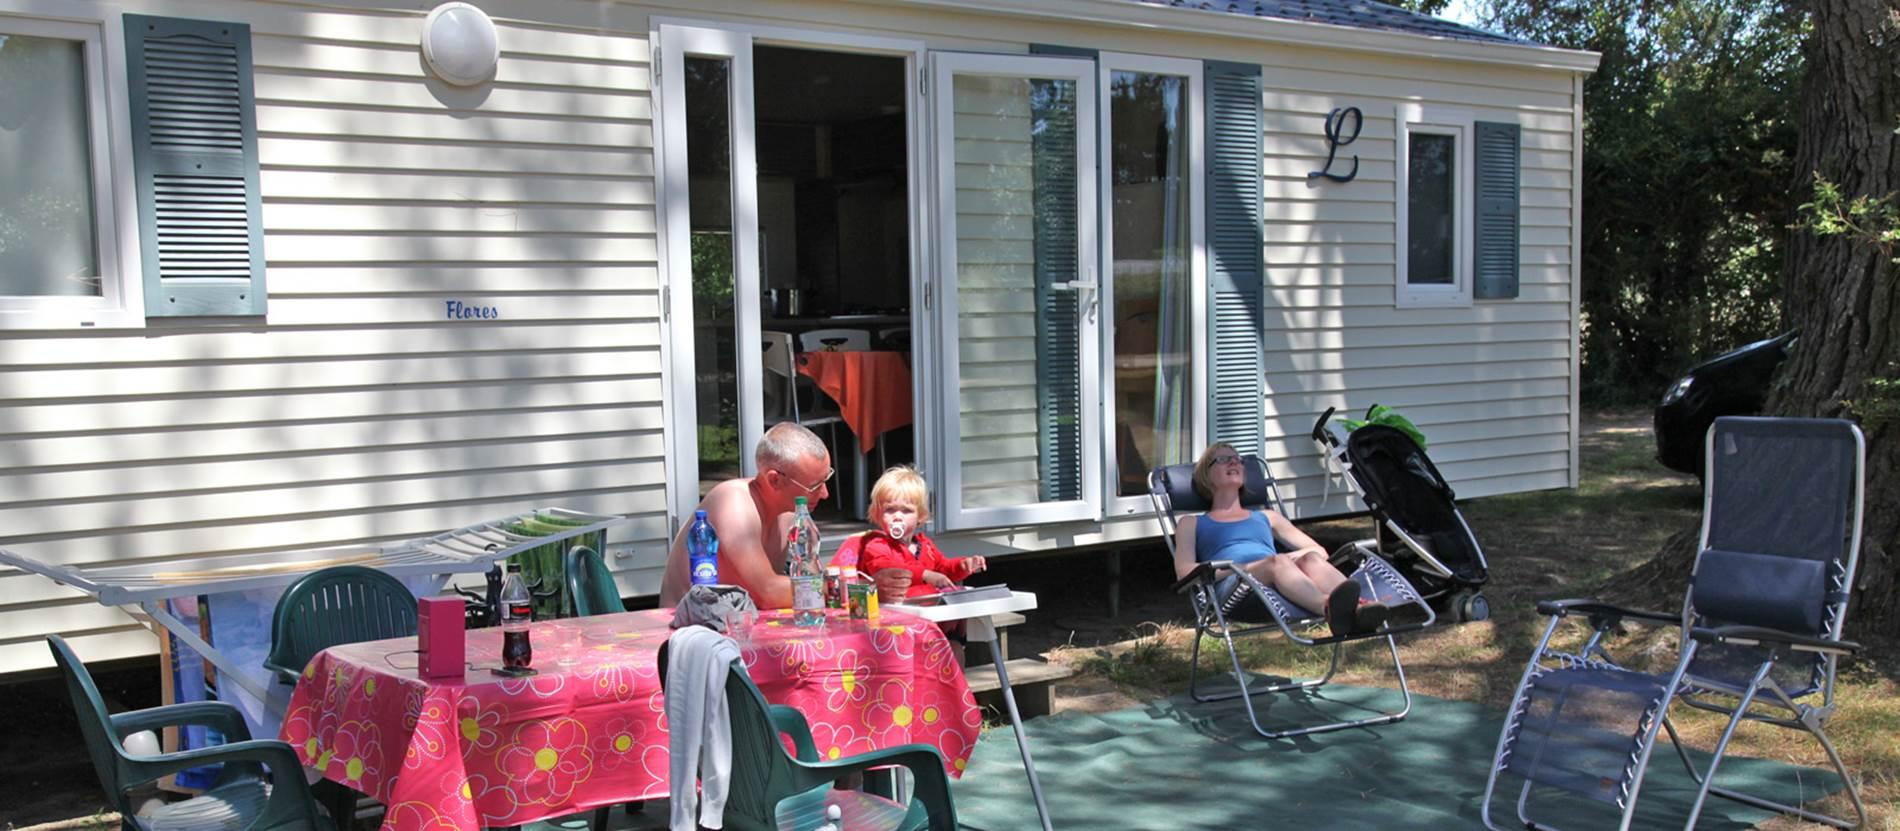 Camping-Le-Cadran-Solaire-Vue-Aérienne-Le-Tour-du-Parc-Presqu'île-de-Rhuys-Golfe-du-Morbihan-Bretagne sud © Camping-Le-Cadran-Solaire-Le-Tour-du-Parc